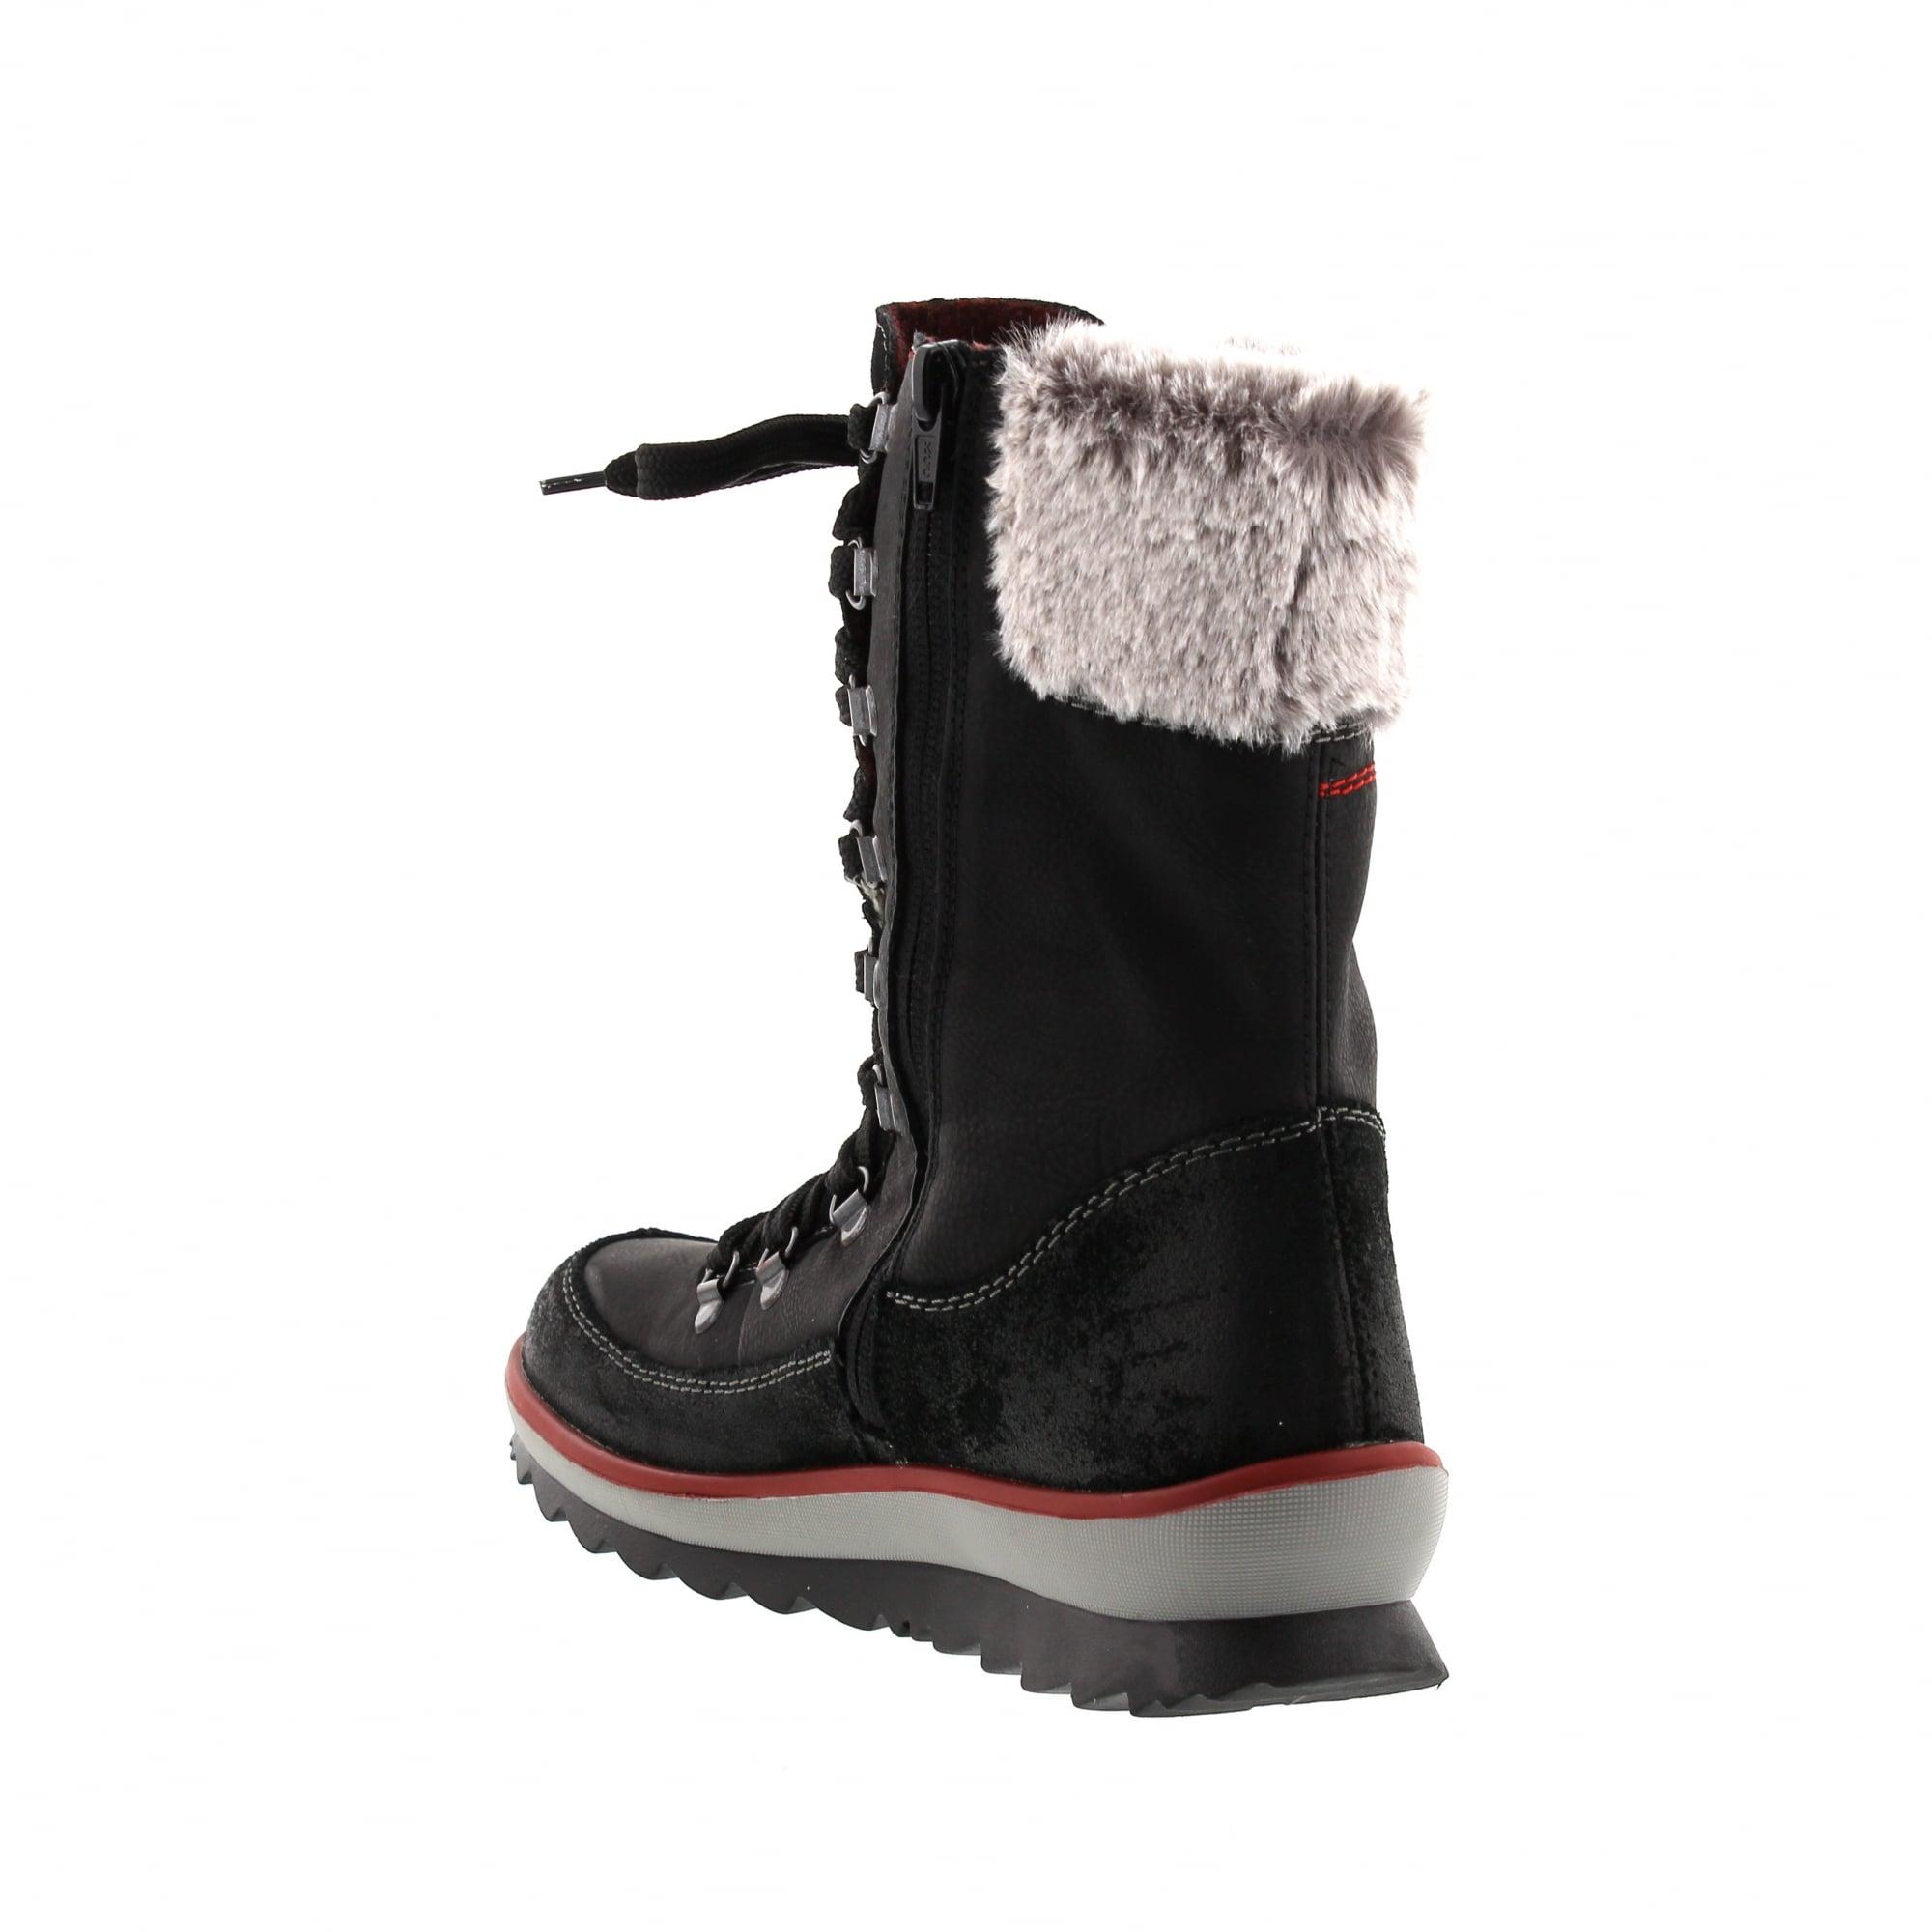 02f65850e1d Rieker K4372-01 Black Red Womens Boots